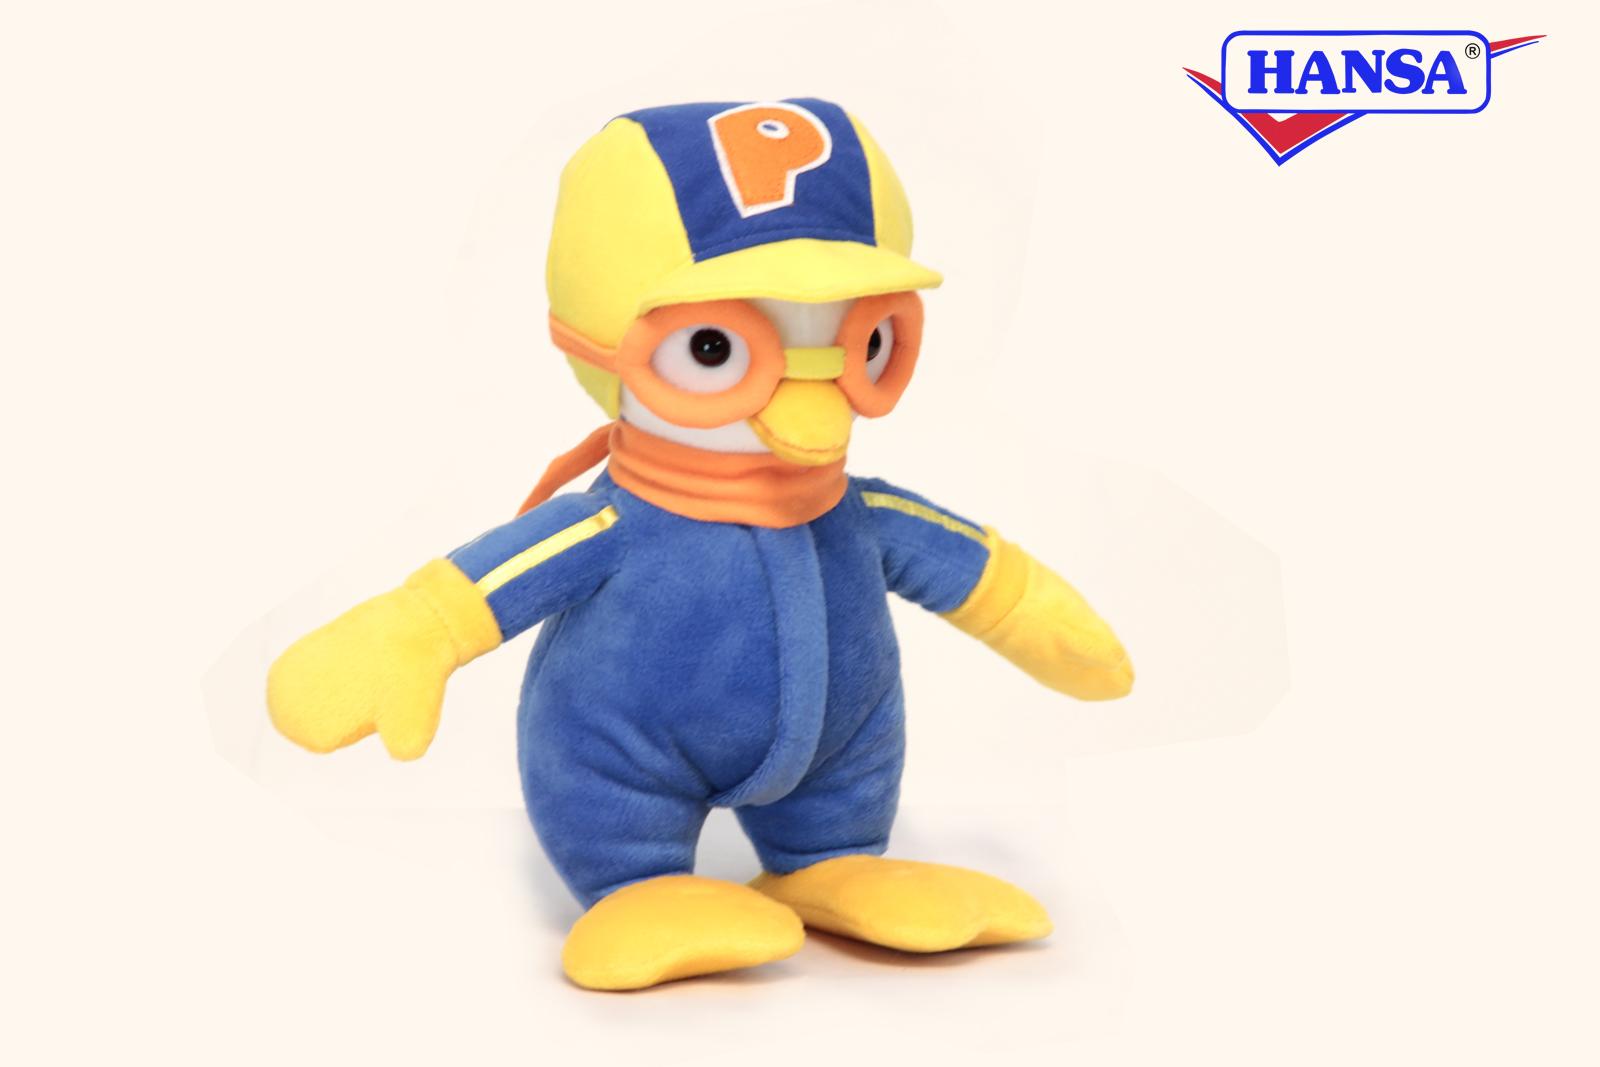 HANSA 6159 Plush